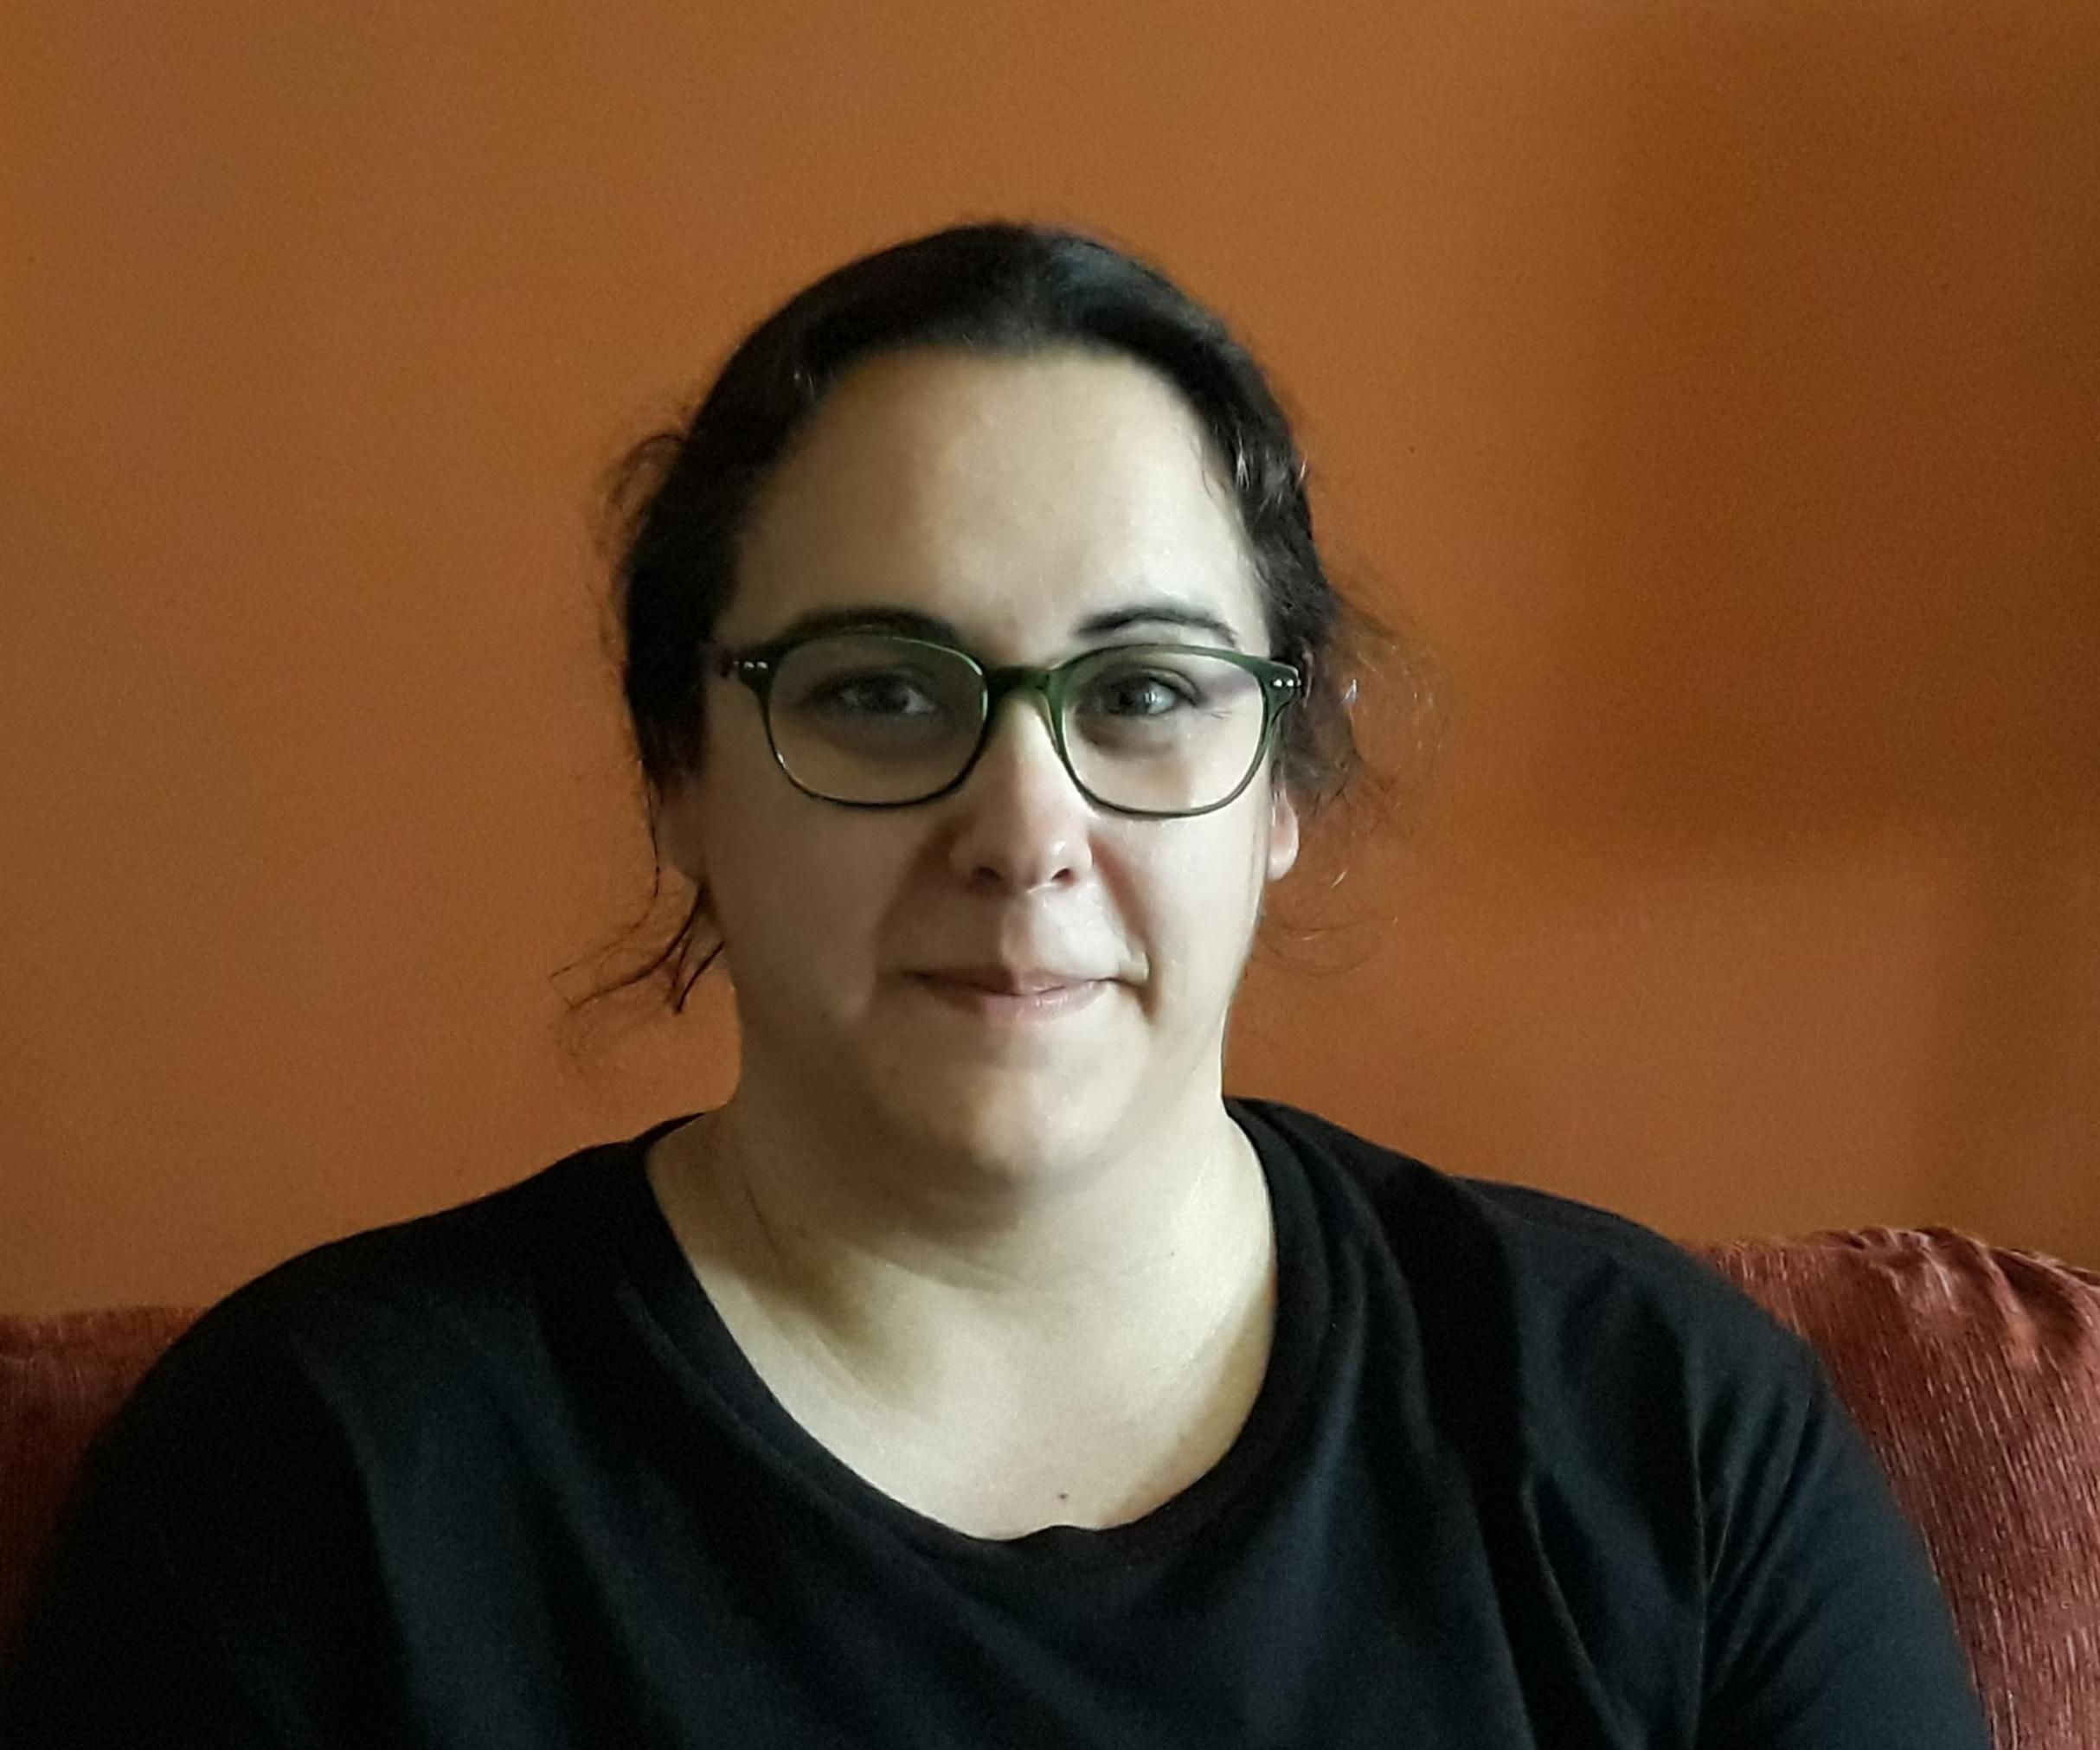 Noemí Santillana - ProfessoraNoemí Santillana López és llicenciada en Química, quiromasatgista, reflexòloga i terapeuta de shiatsu, i professora de ioga en el Centre Siddharta.Motivada pel desig de poder ajudar a la gent en el seu camí de desenvolupament i acompanyar les persones en la seva recuperació de la malaltia, s'ha volgut dedicar professionalment a l'àmbit de la salut i del creixement personal. El seu treball de recerca professional l'ha portat a combinar el coneixement de la medicina xinesa i els meridians amb el ioga, elaborant així cursos i tallers en els que les persones poden aprendre eines de salut totalment noves per la cura i prevenció de moltes afeccions.També és professora en la formació de ioga on aporta un gran coneixement des de la biologia humana que, sumat al profund coneixement que té de la medicina xinesa, fa molt fàcil allò que pot ser més complexe per a un professor de ioga: entendre el cos i com funciona, i com podem ajudar els alumnes a fer seva la pràctica de les assanes des d'un coneixement profund del cos.